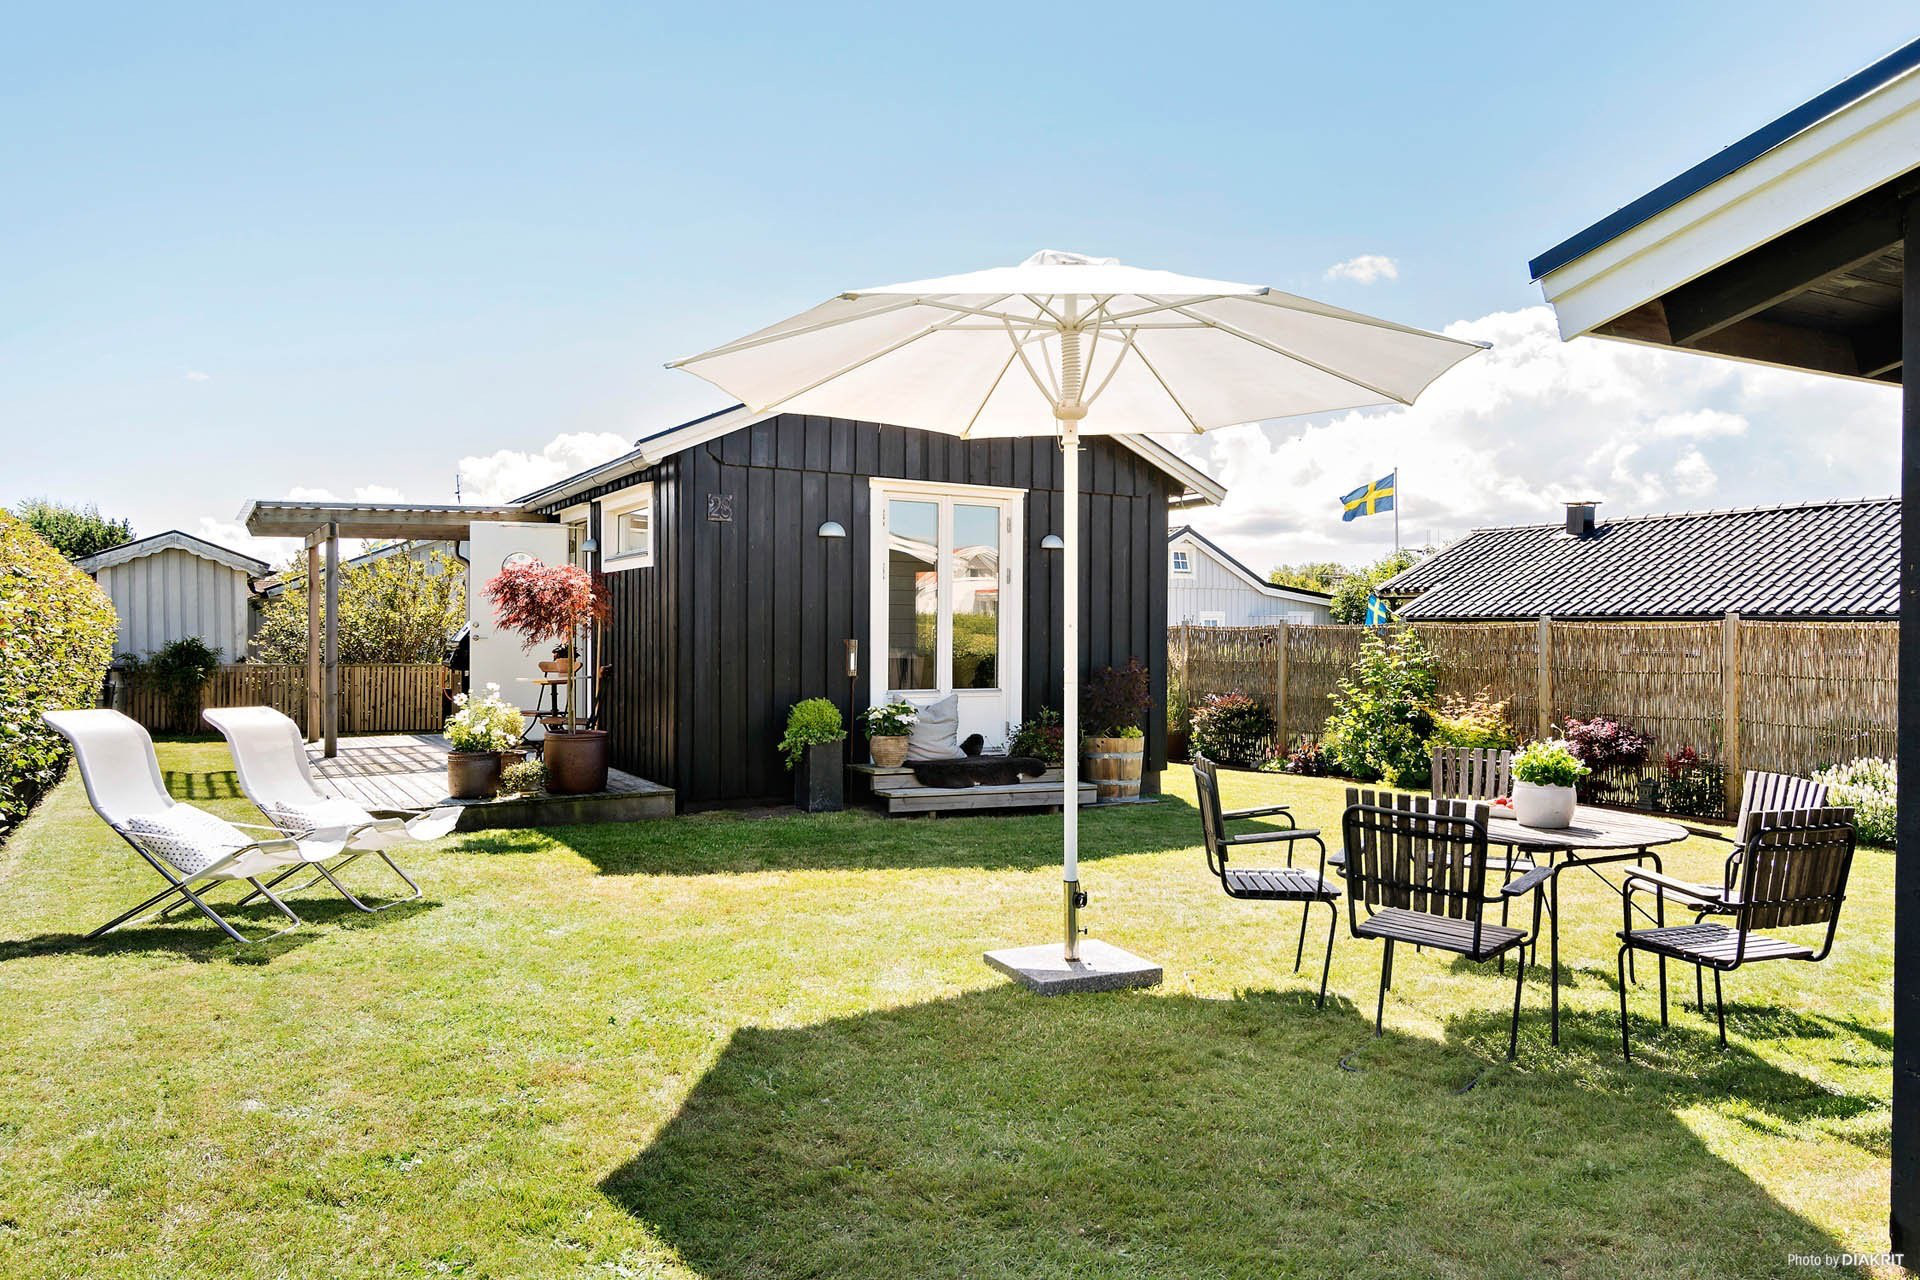 Ngôi nhà 45m2 tọa lạc trên thảm cỏ xanh mượt với không gian sống trong lành ai nhìn cũng thích - Ảnh 1.